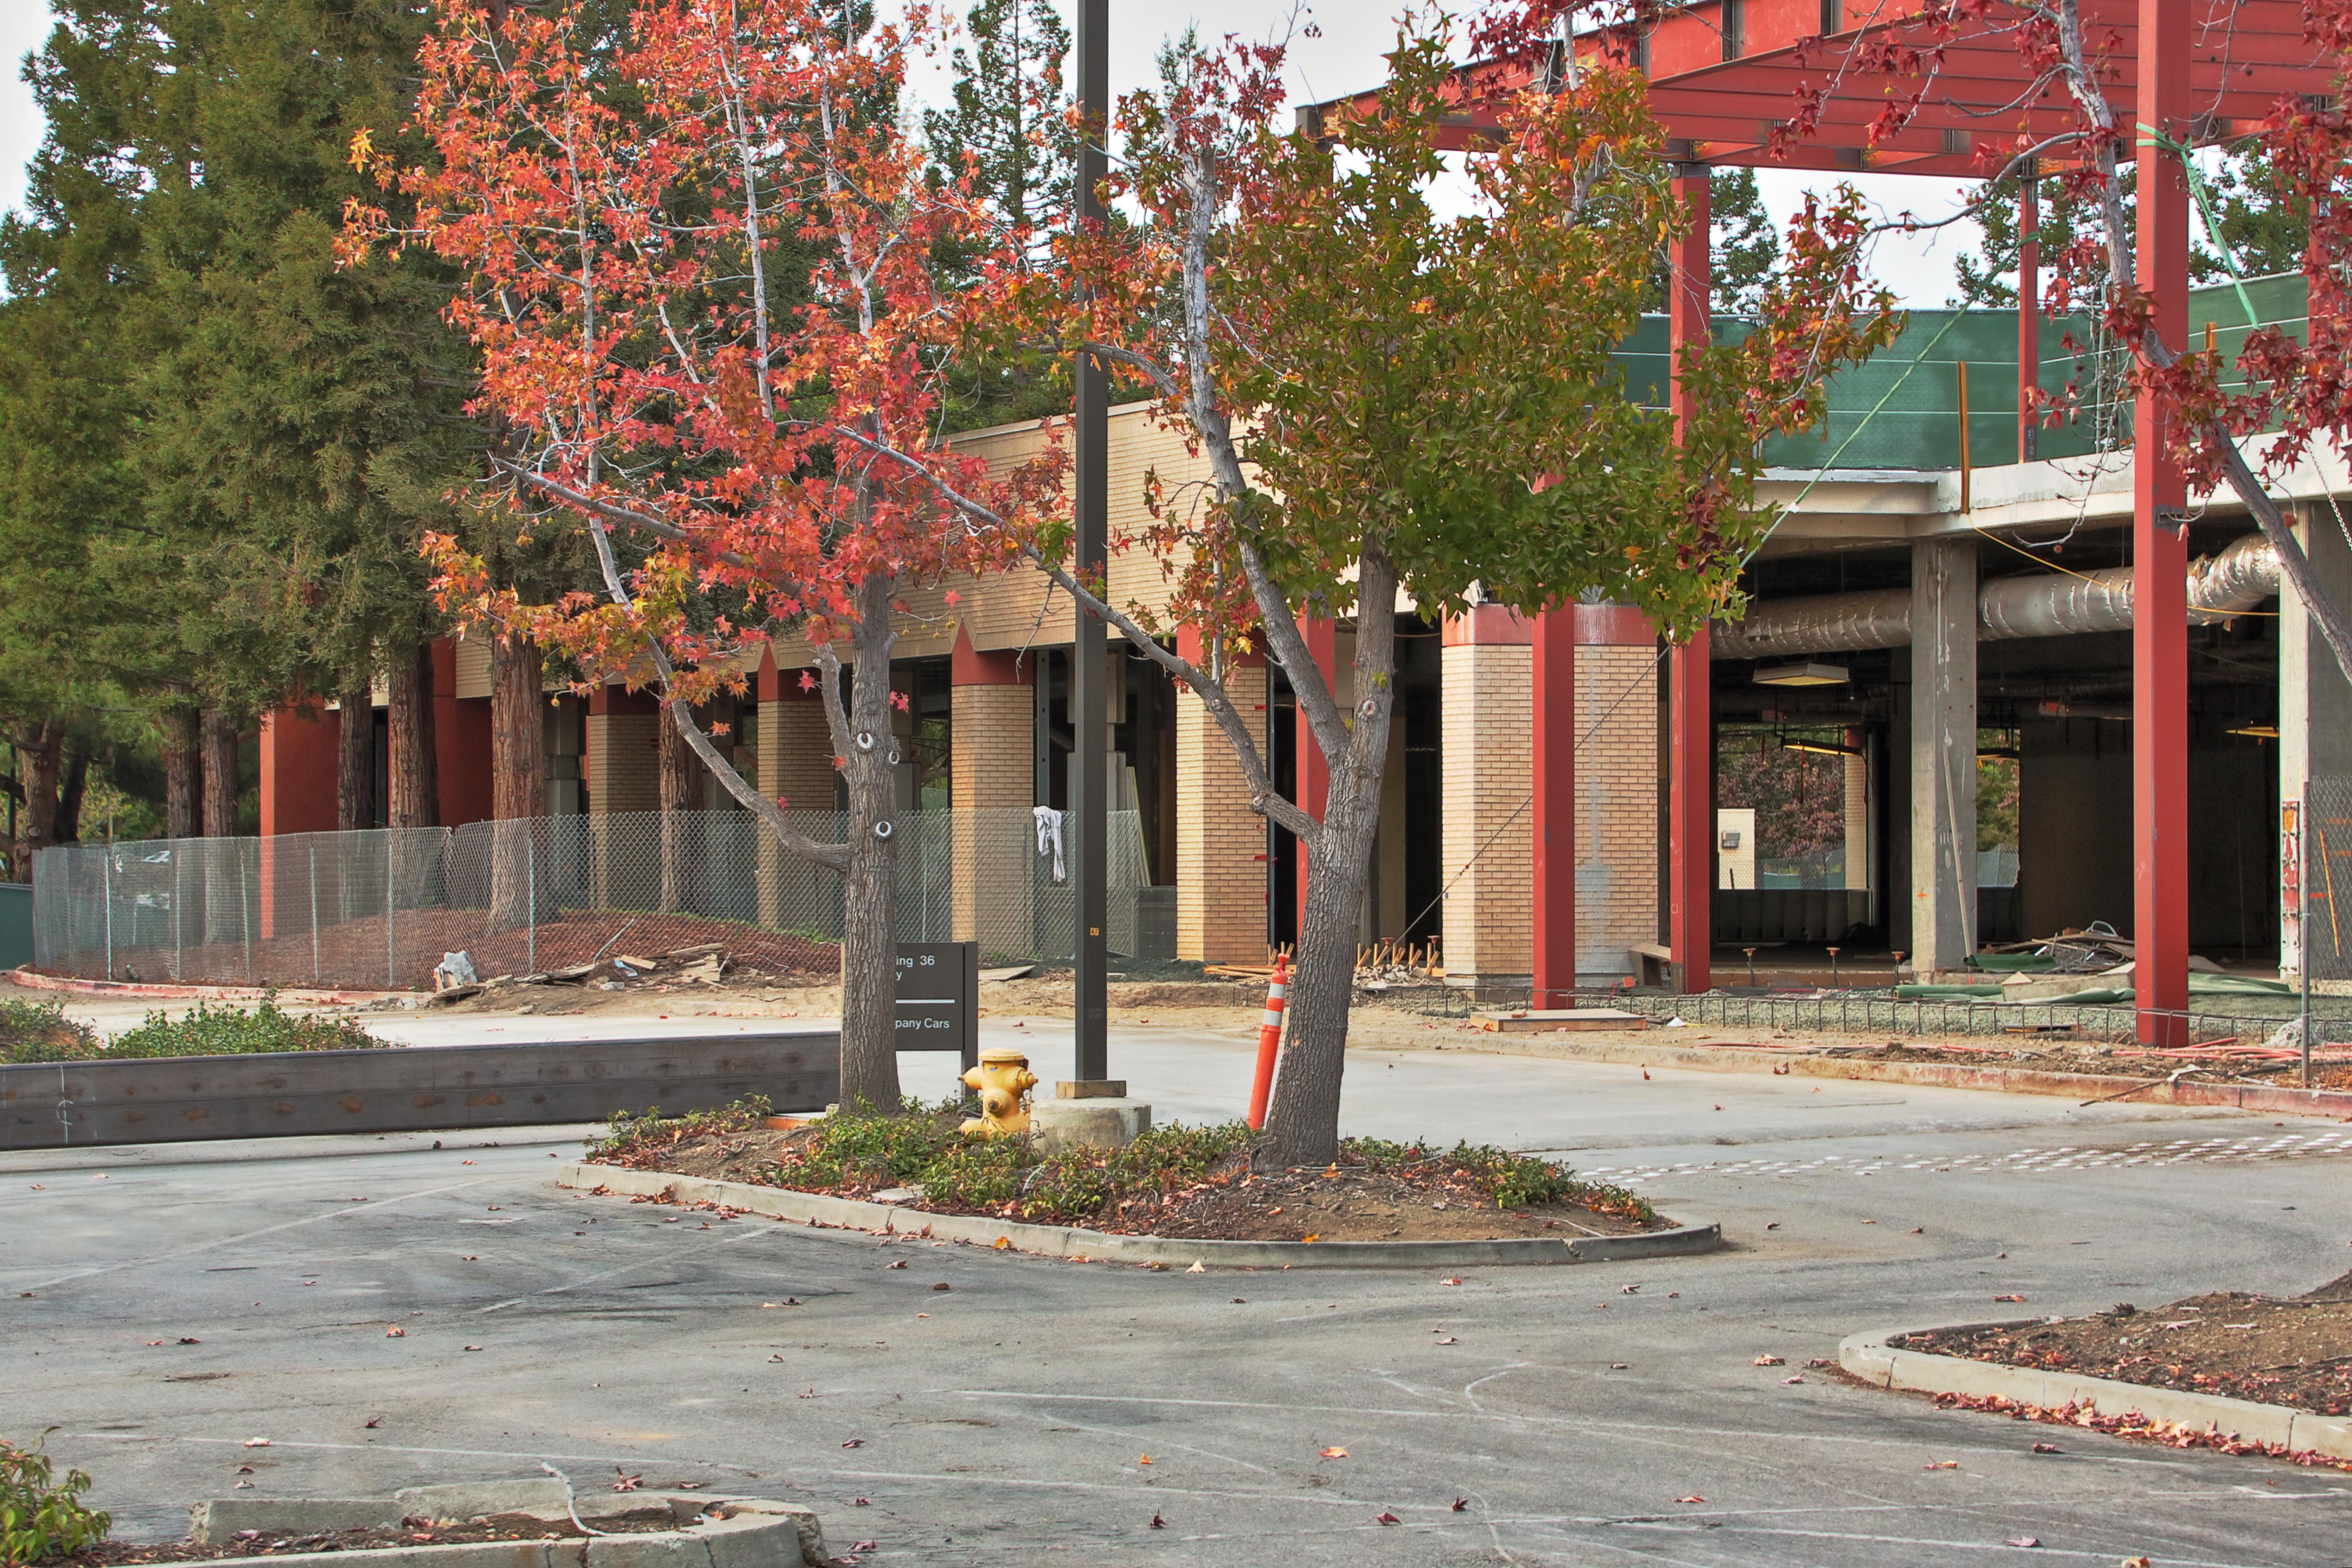 mayfield mall wikipedia rh en wikipedia org